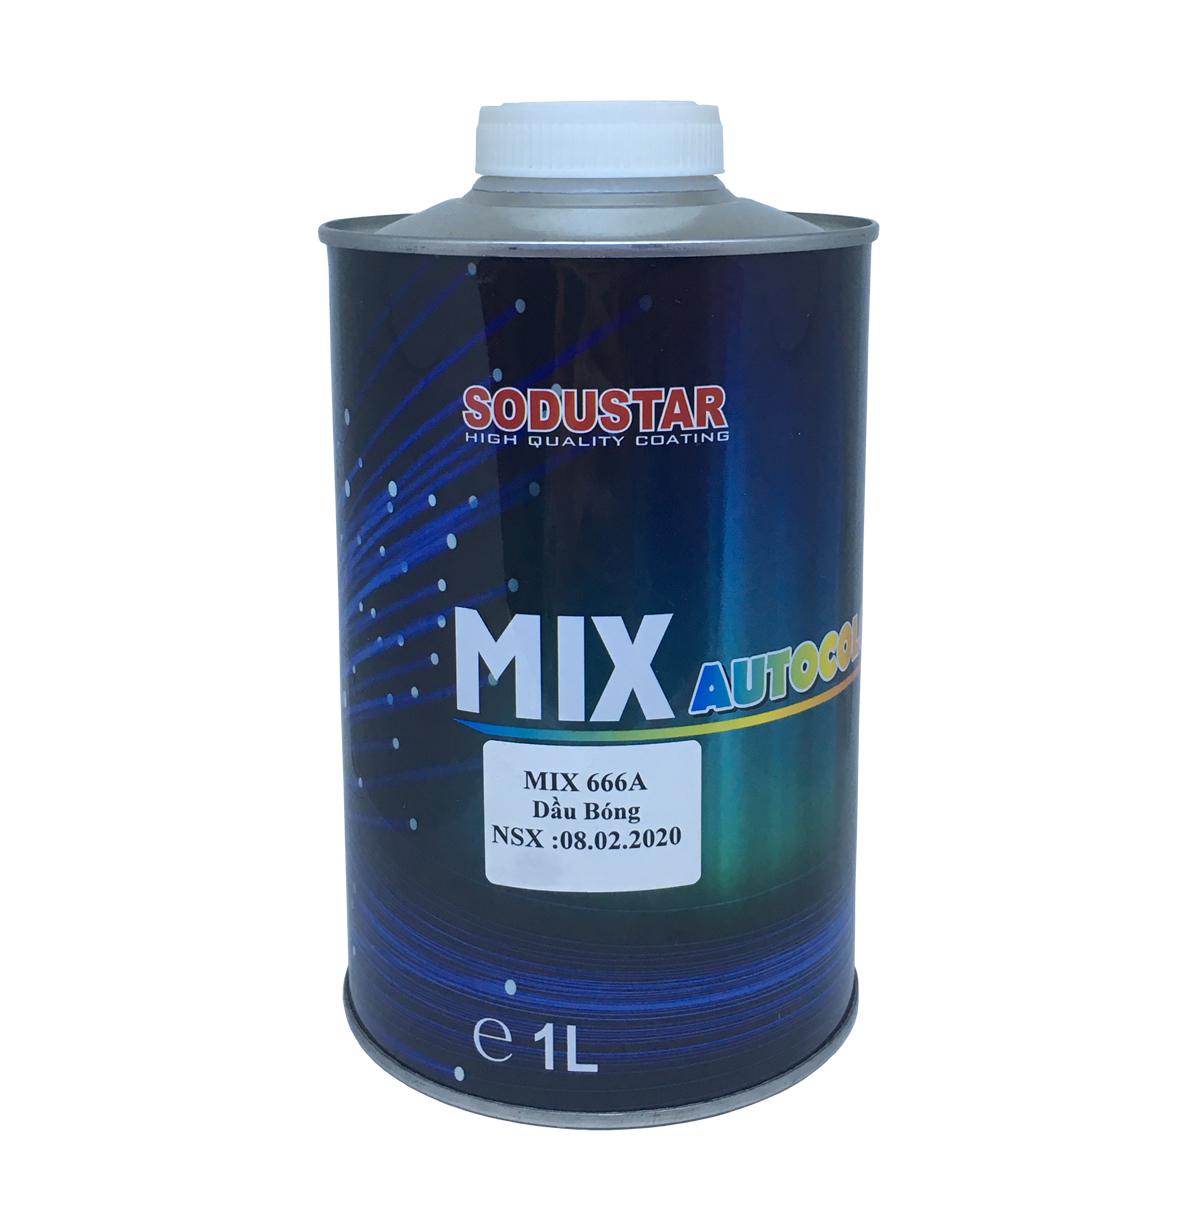 Dầu bóng phổ thông - MIX 666A